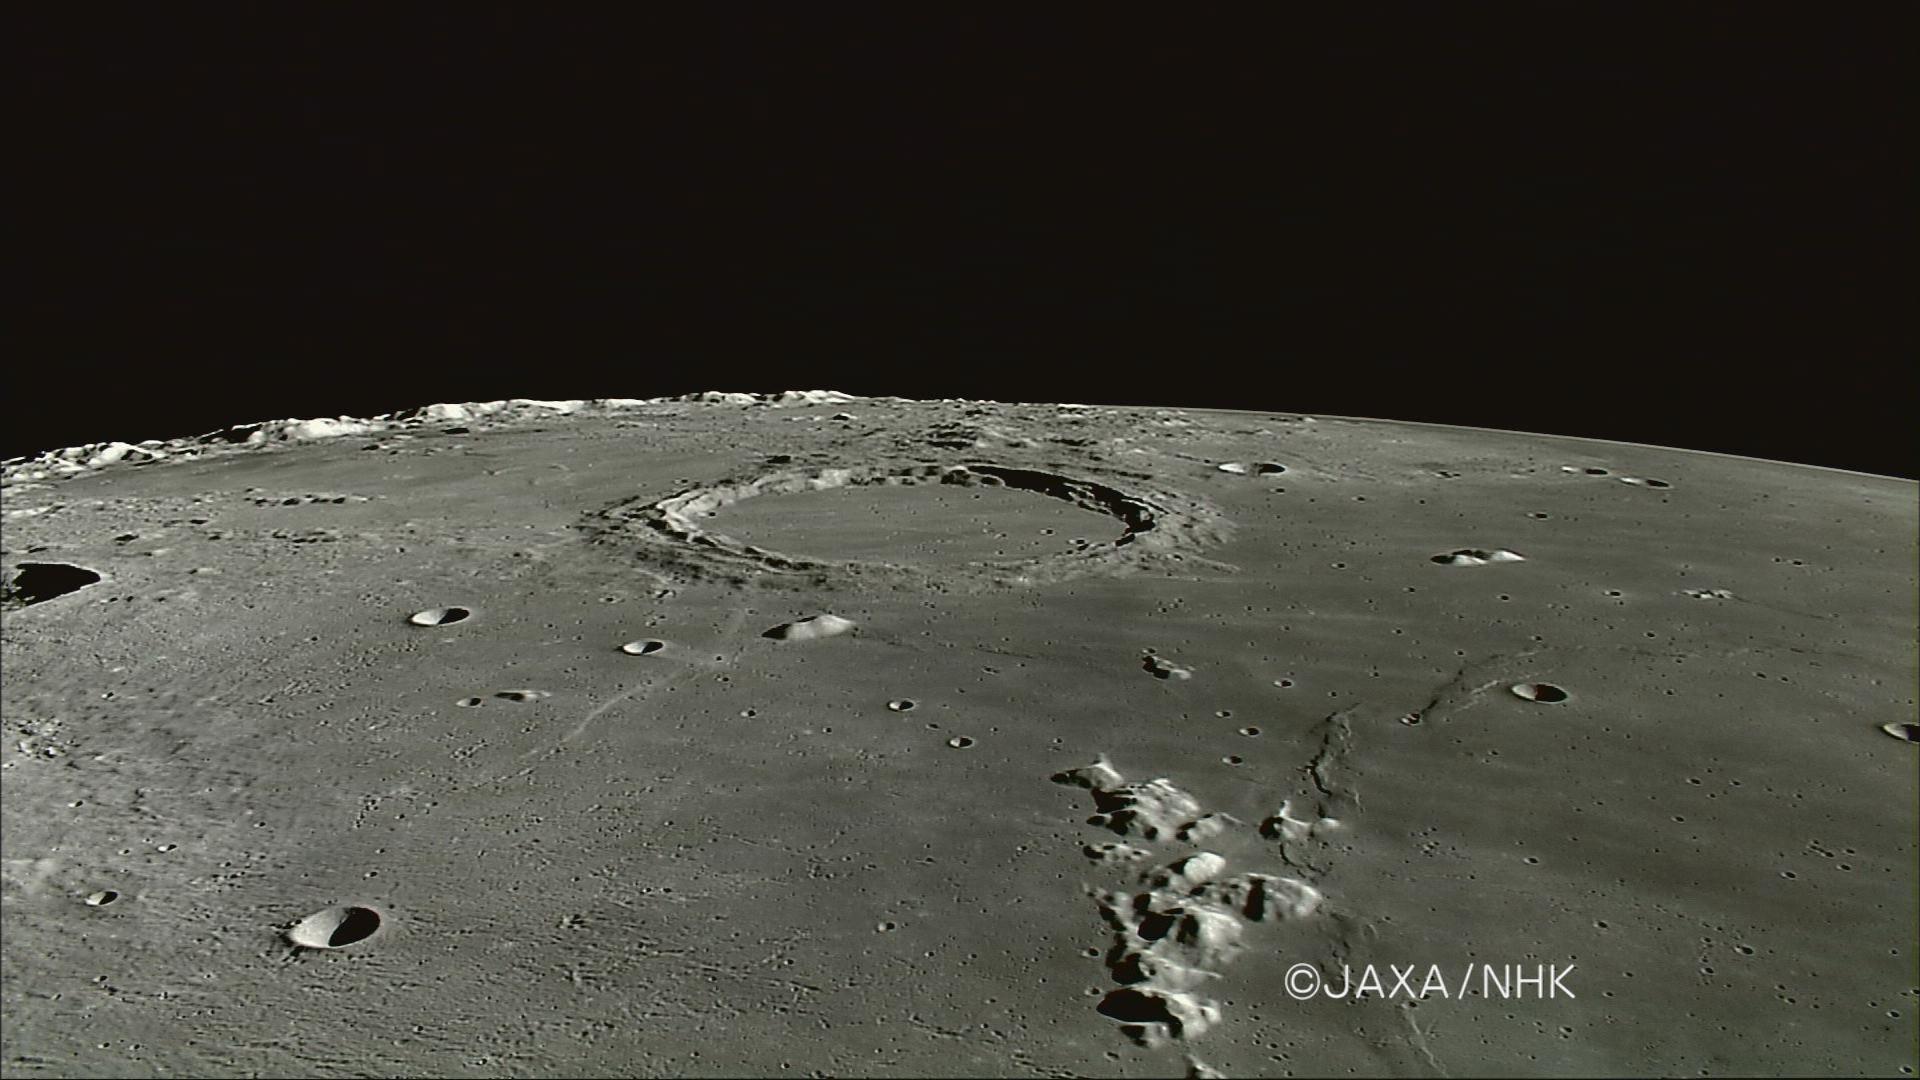 「火星に人は住んでいるか?」_e0171614_9395858.jpg